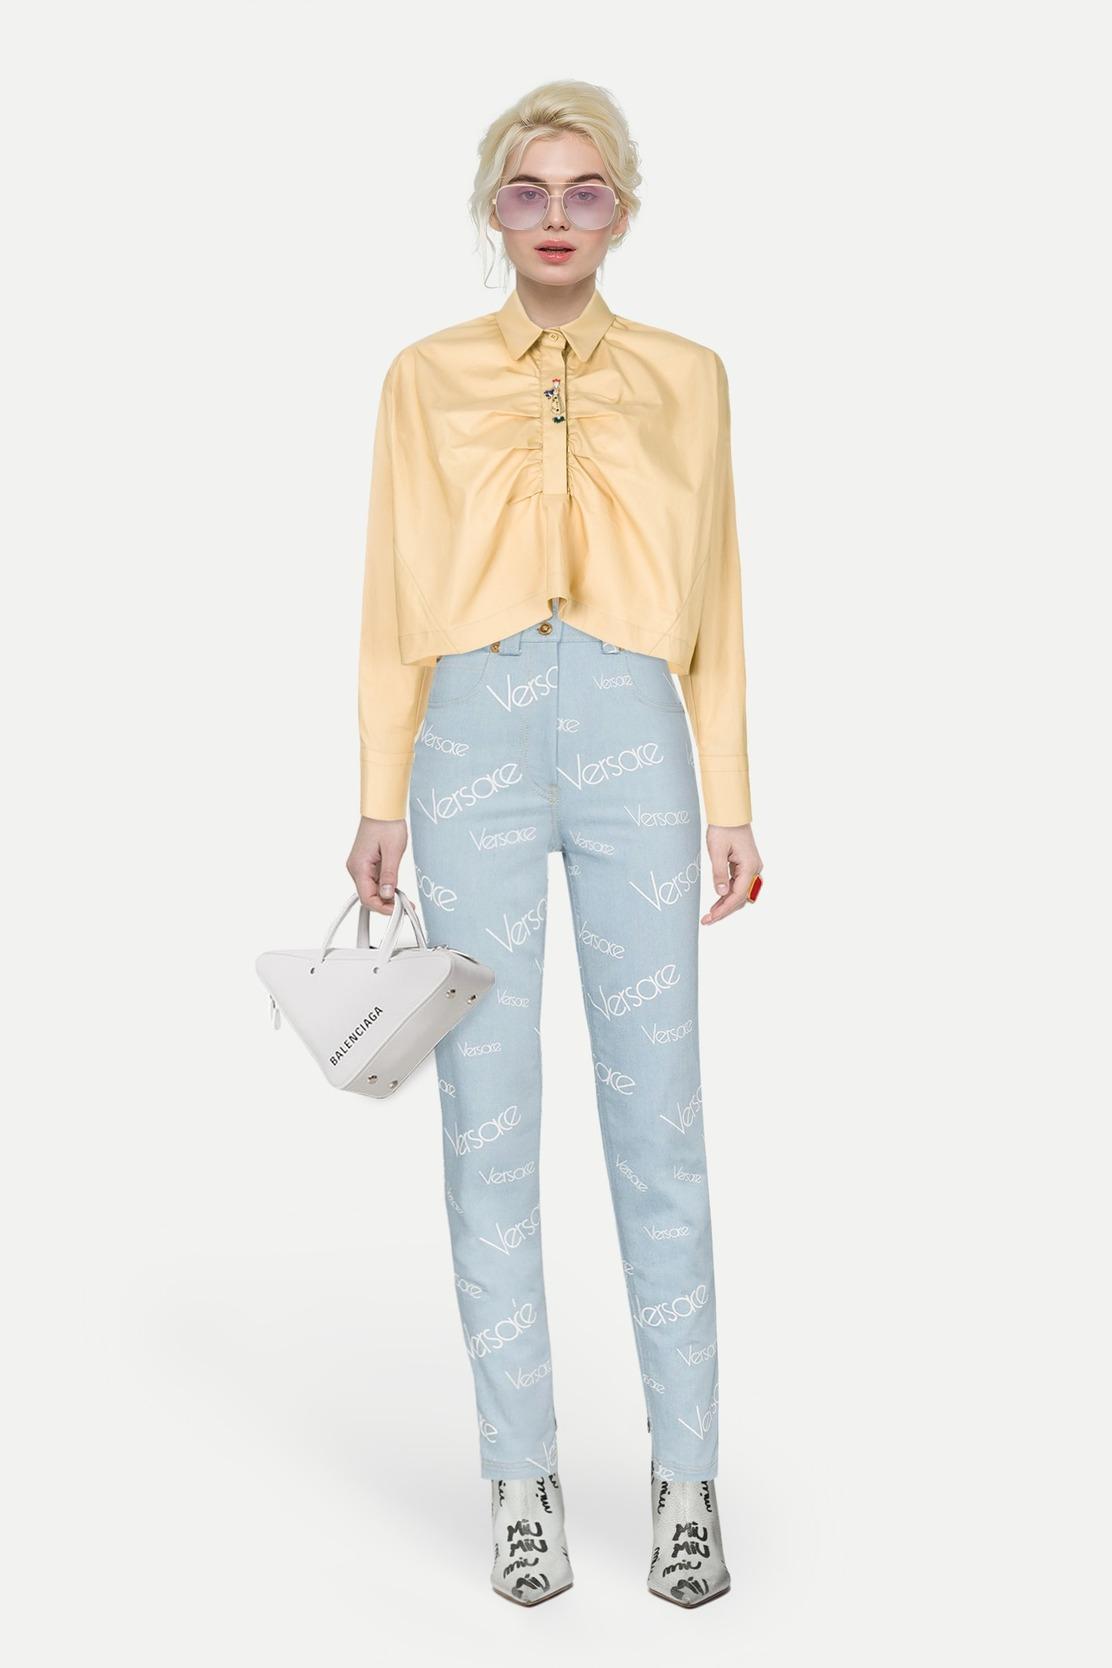 вторую часть блуза из шелка под джинсы фото планировал